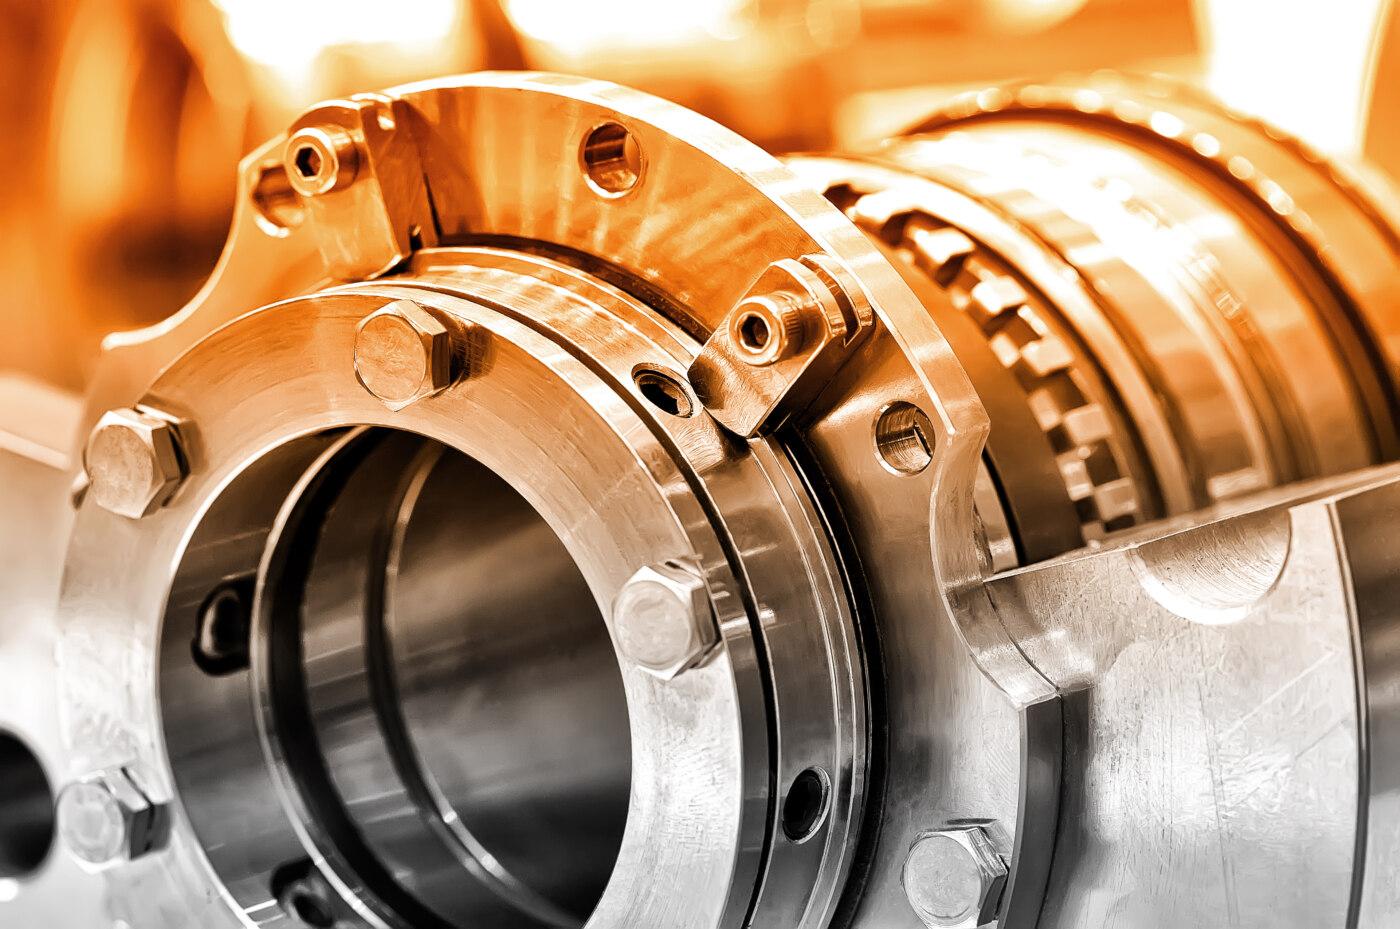 Maschinenbau rechnet für 2019 mit Minus bei der Produktion